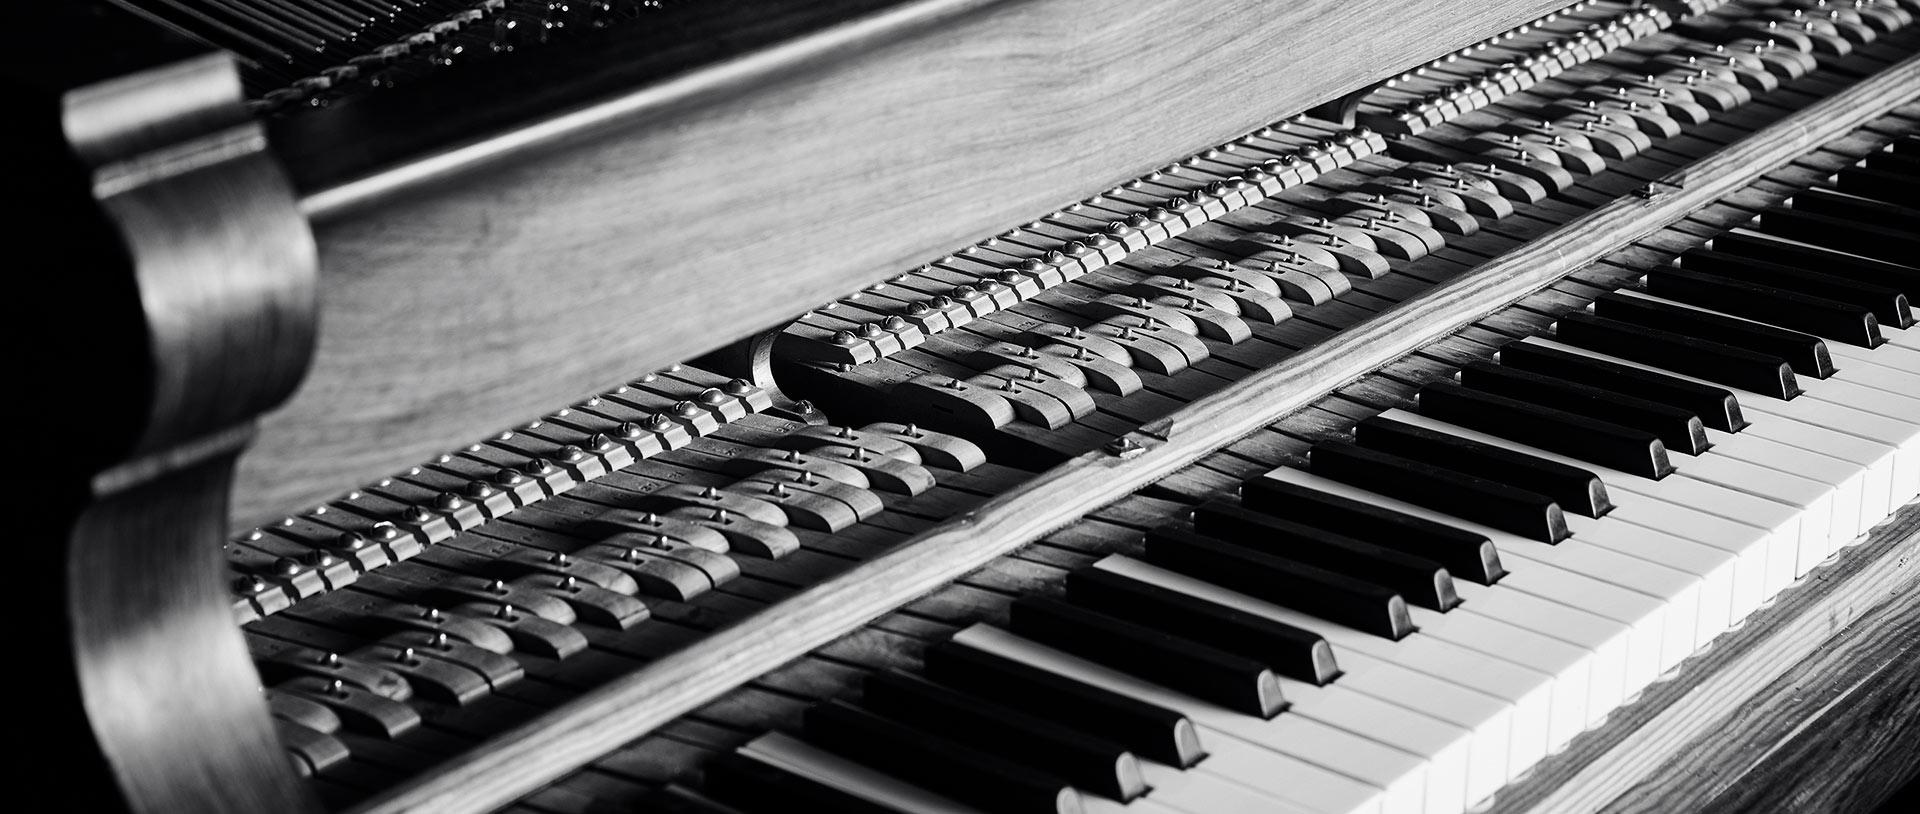 Piano And Keys